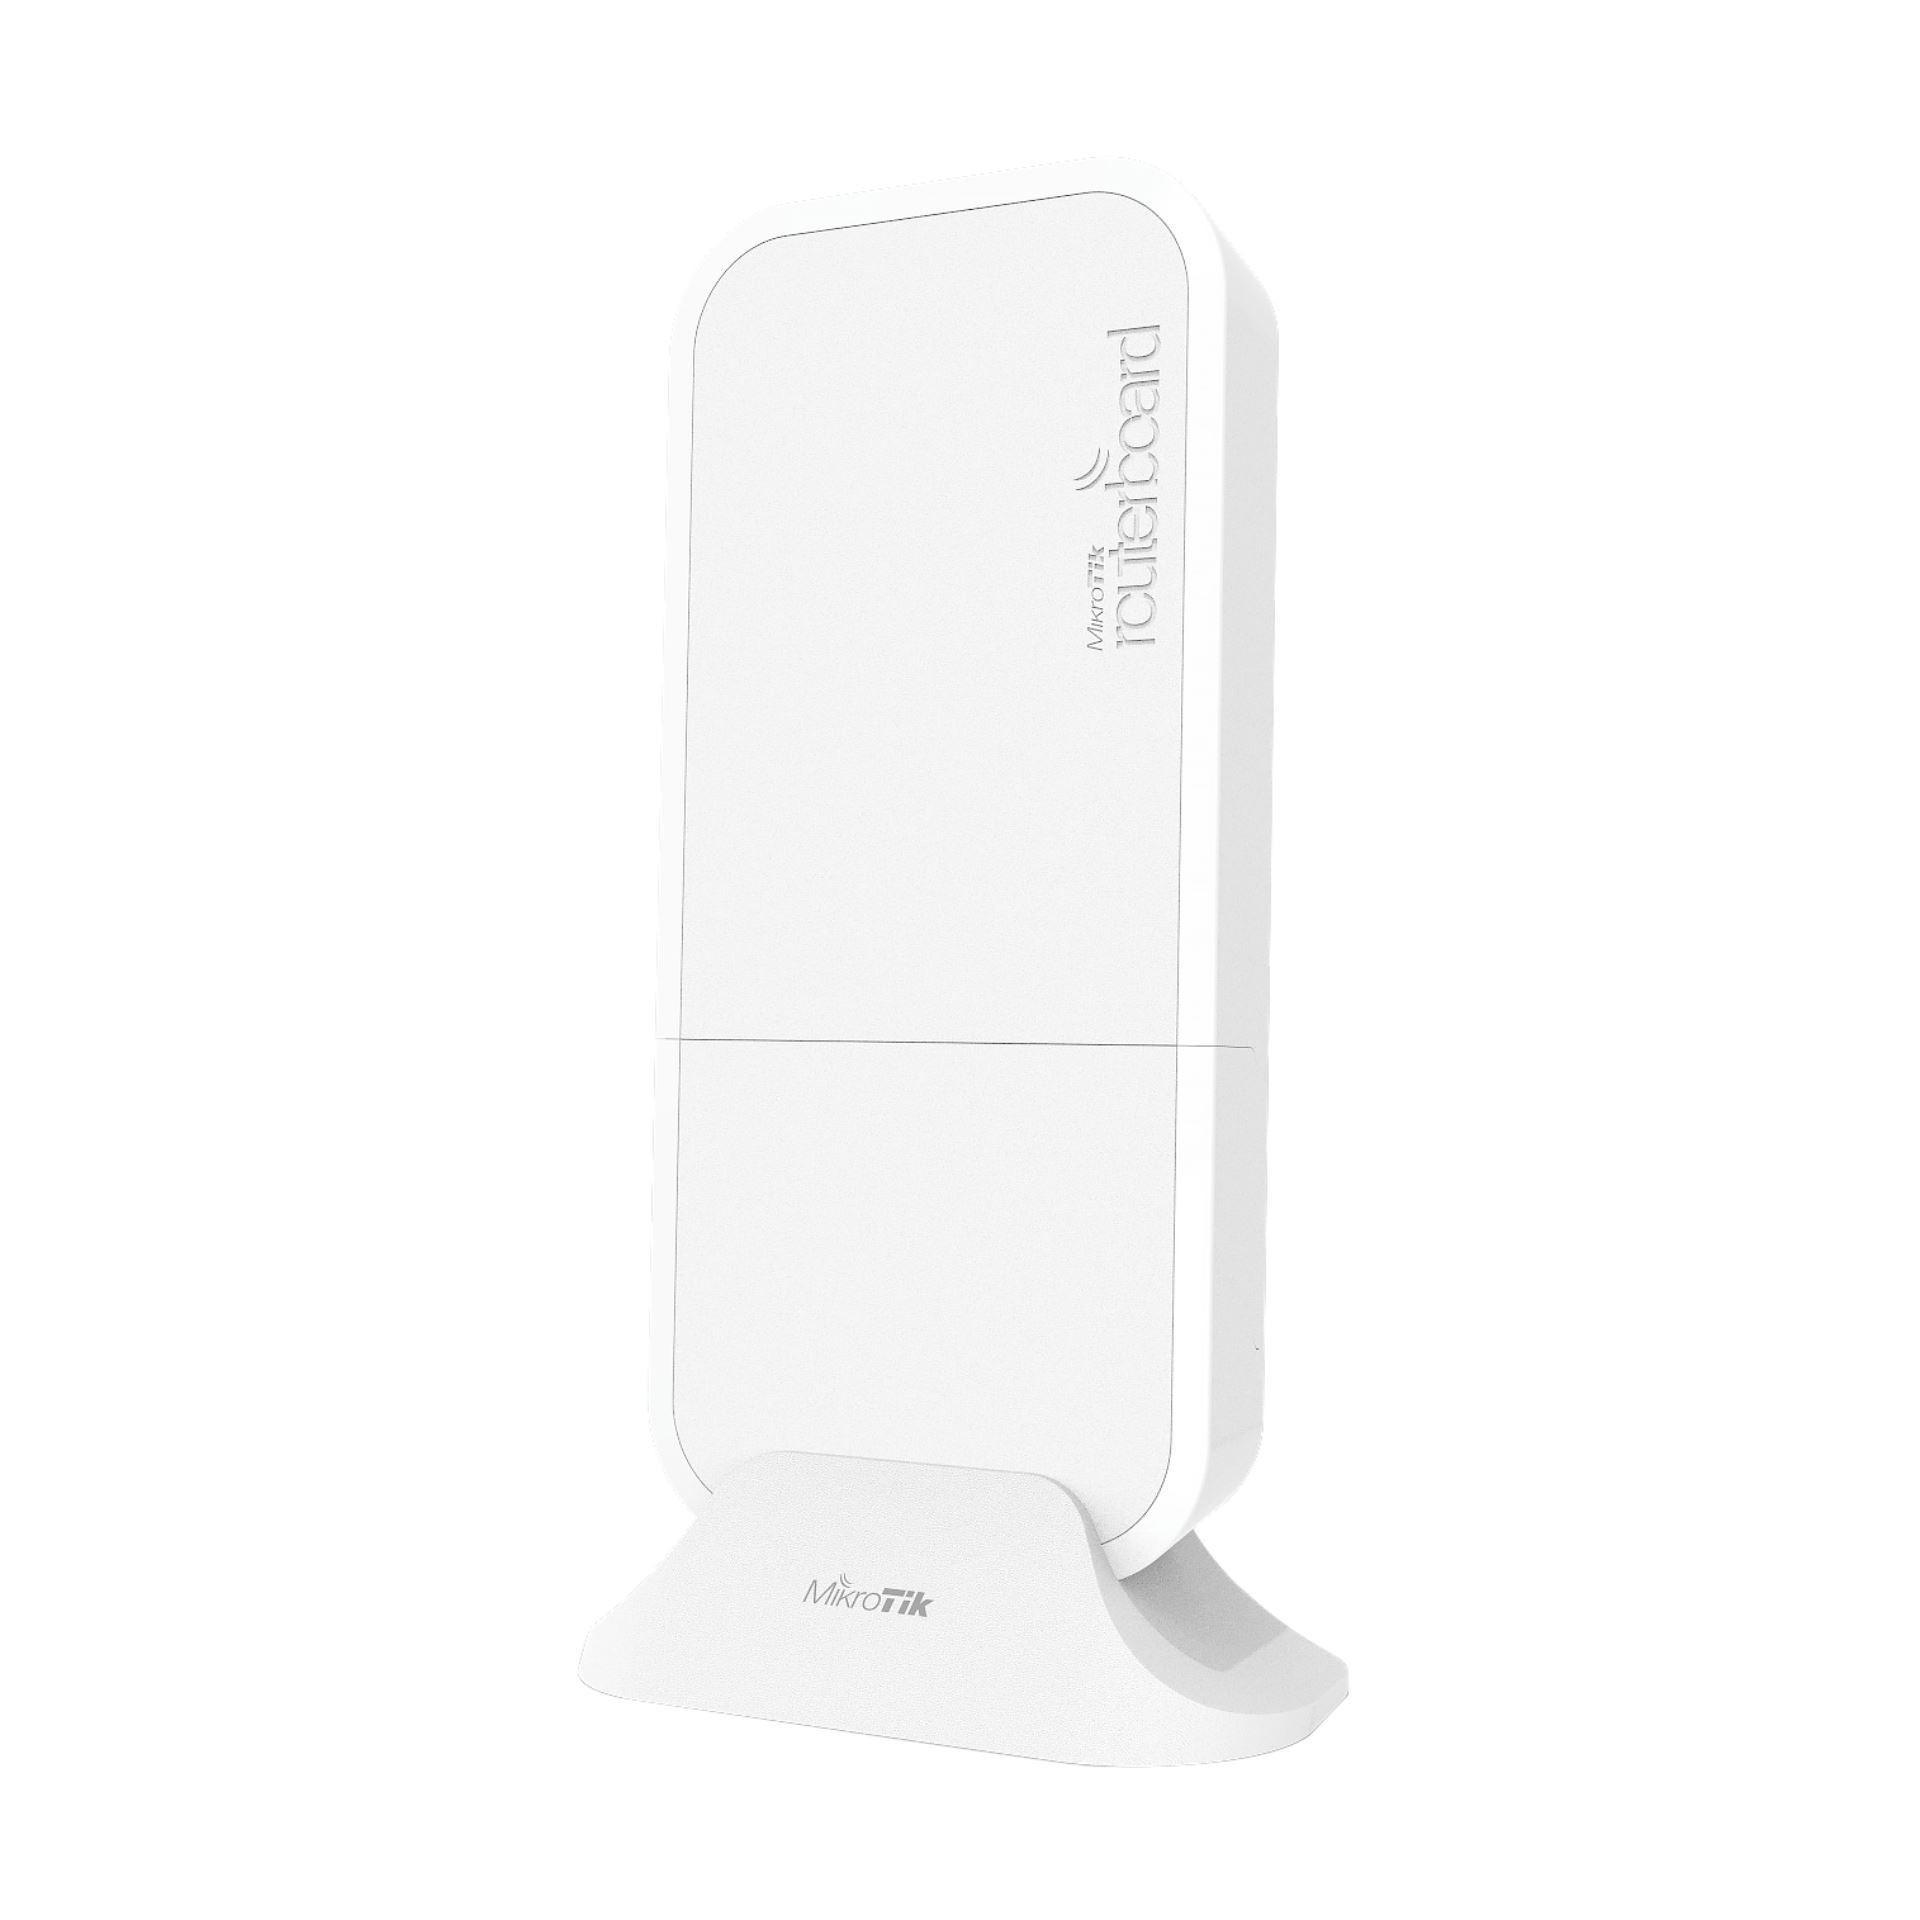 Brezžična Dostopna Točka Zunanja wAP LTE RBwAPR-2nD 2,4GHz Mikrotik